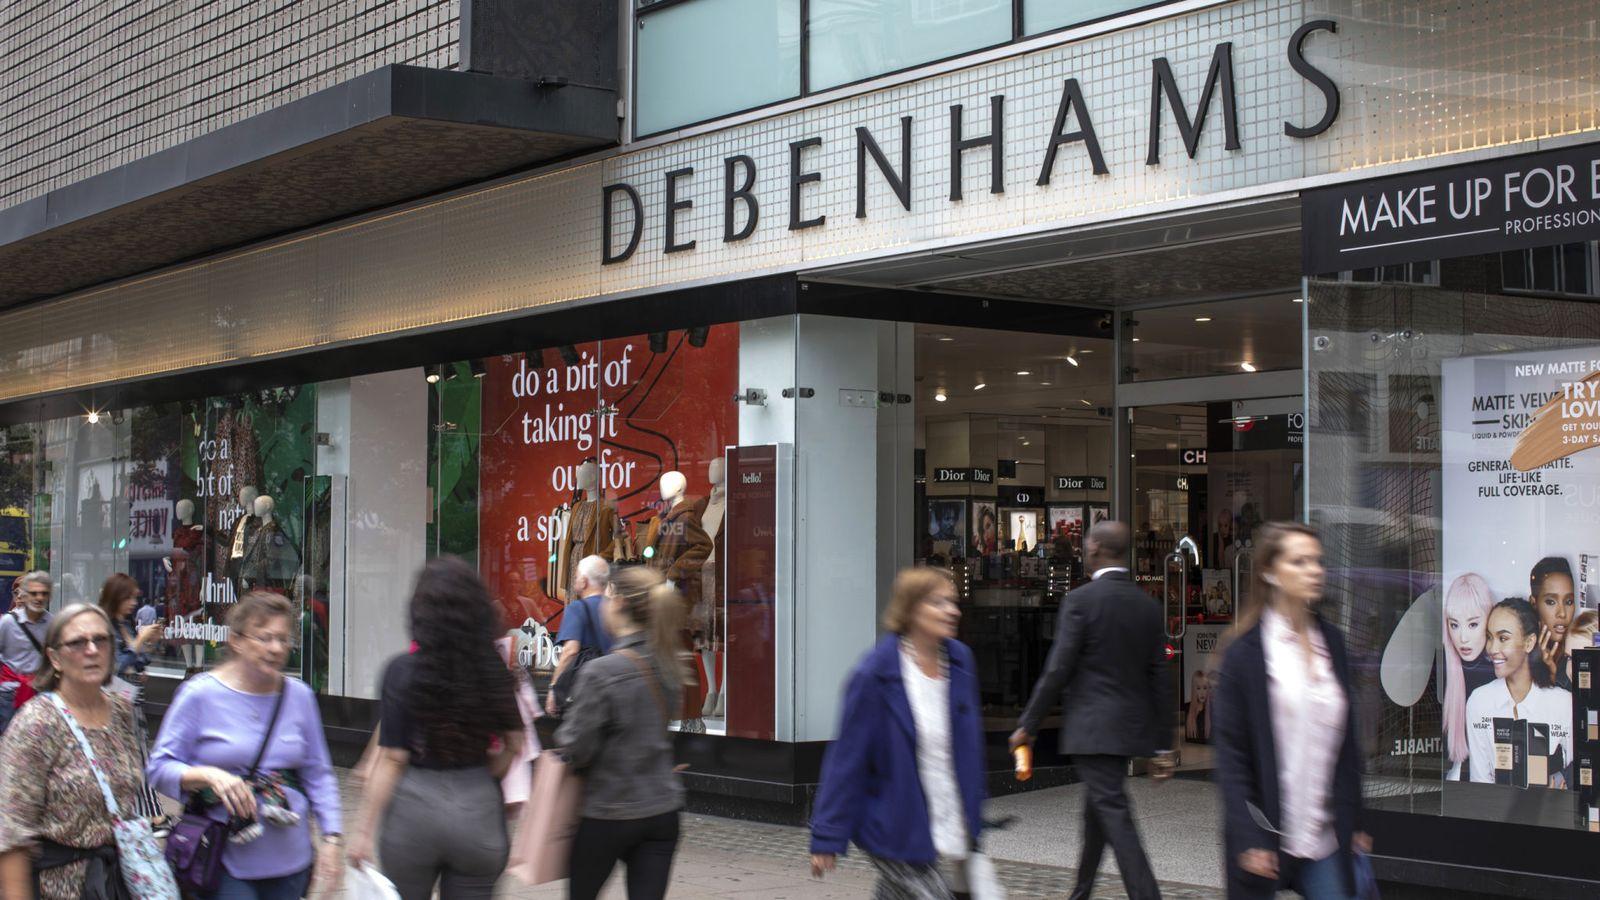 Debenhams slumps to £500m loss as stores face axe